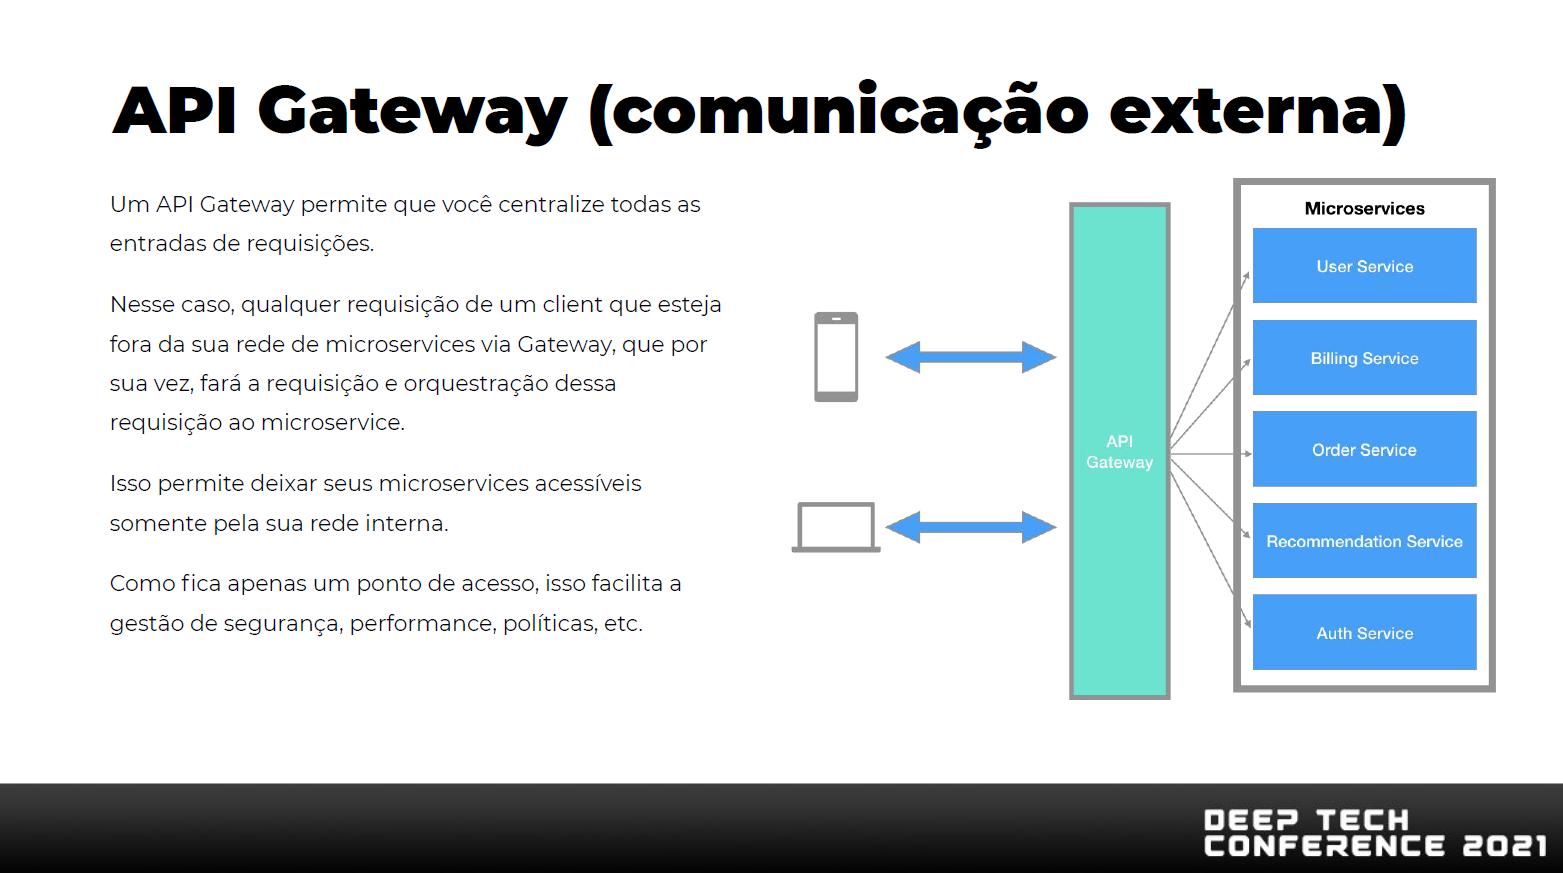 API Gateway - Comunicação Externa